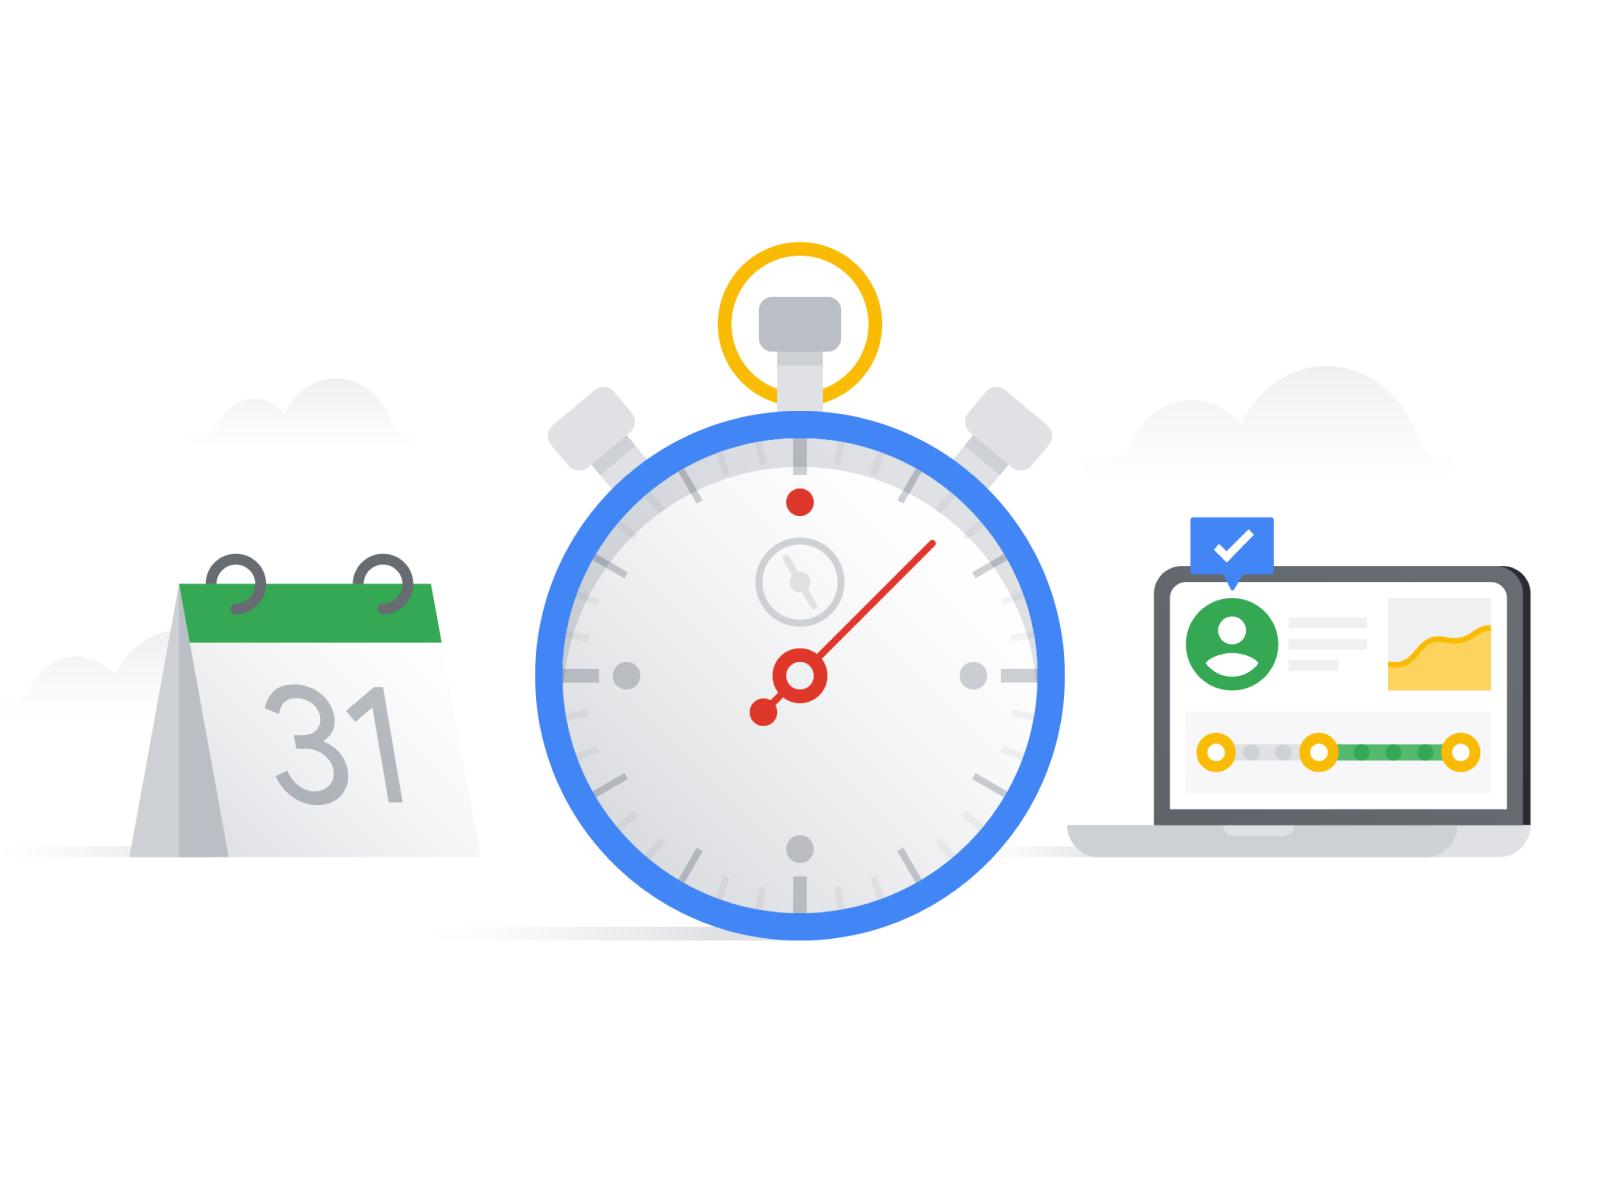 7 Ways to Use Google Calendar Like a Pro